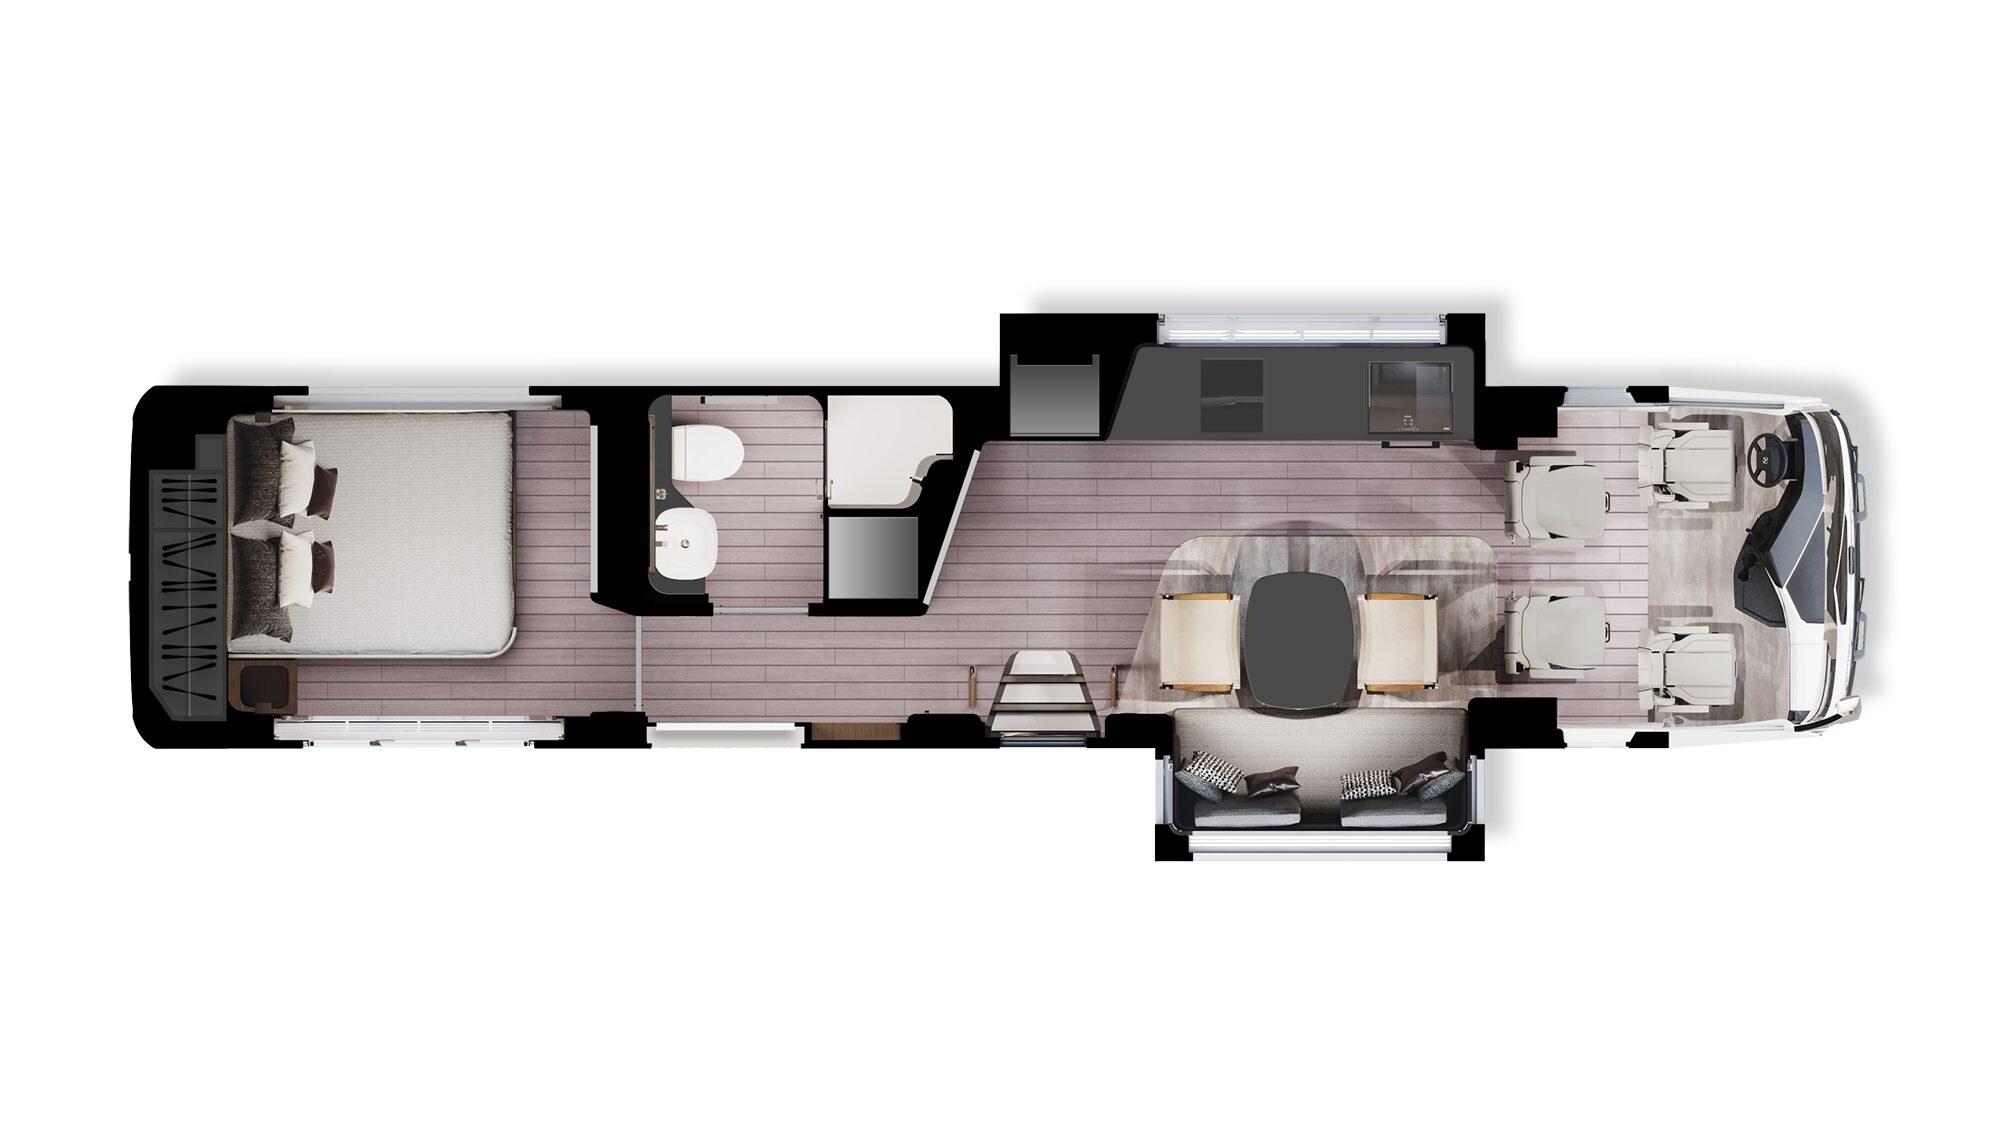 1629734669 250 A linterieur du camping car de 2 millions de dollars avec